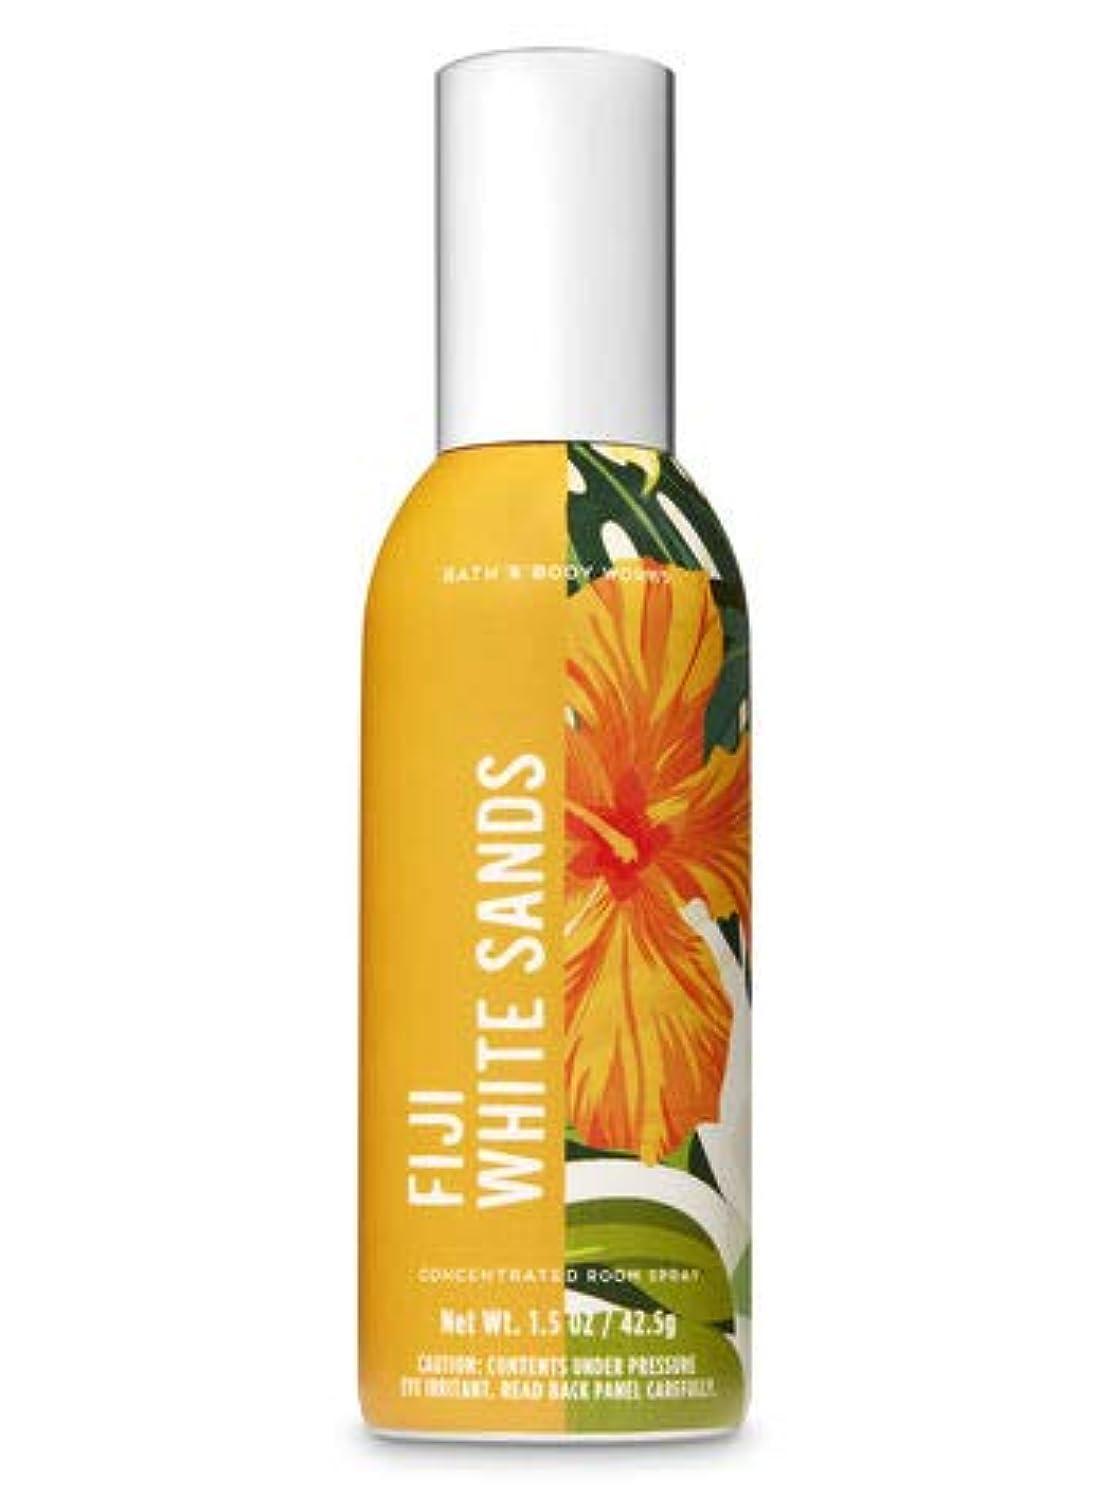 理想的には言うまでもなく疎外【Bath&Body Works/バス&ボディワークス】 ルームスプレー フィジーホワイトサンド 1.5 oz. Concentrated Room Spray/Room Perfume Fiji White Sands [並行輸入品]